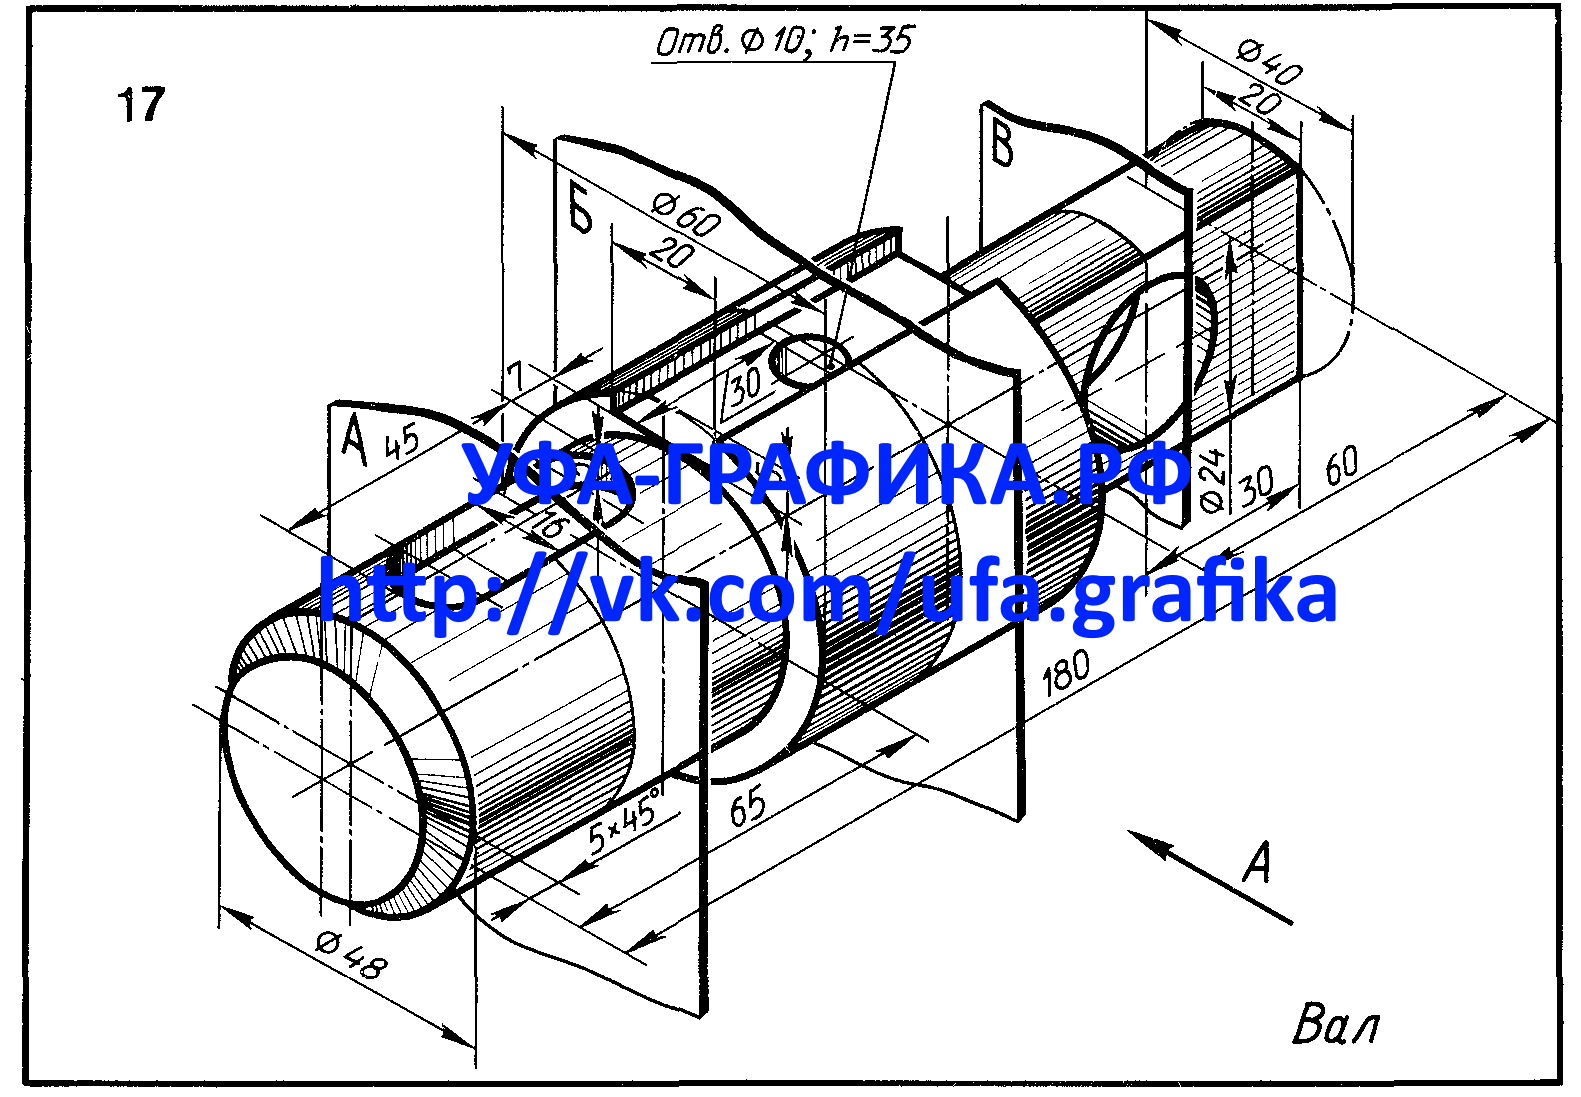 Сечения вала - Вариант 17, чертежи, деталирование, 3Д модели, начертательная геометрия, инженерная графика